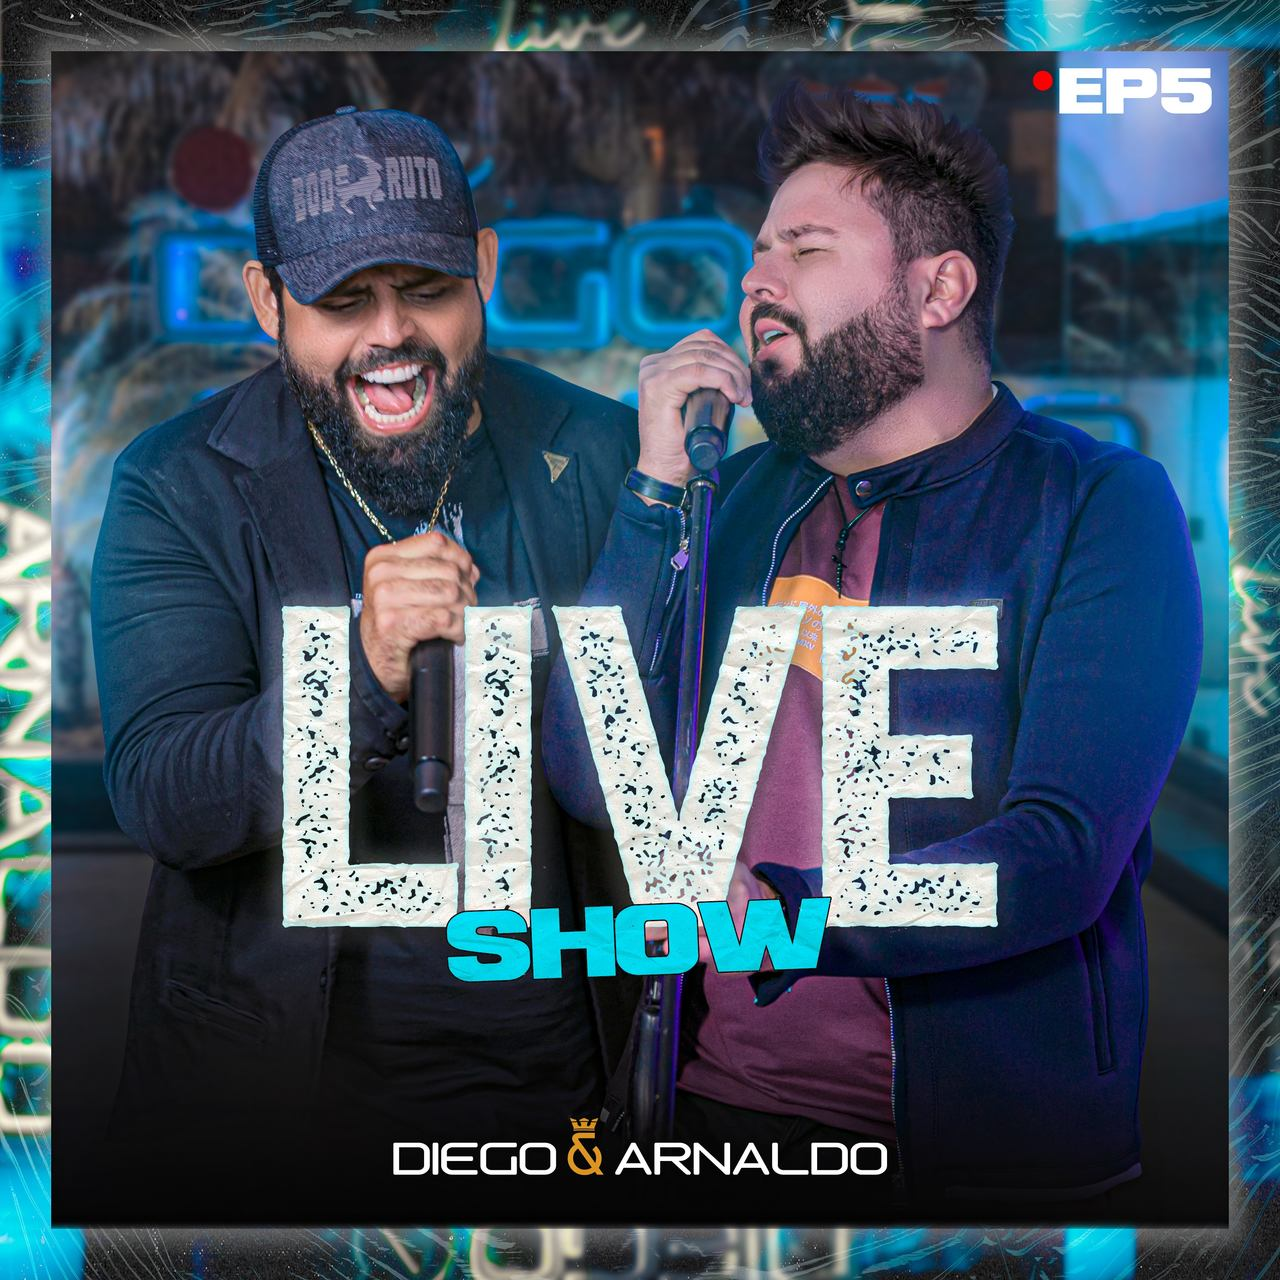 Diego e Arnaldo lançam novo EP do projeto Live Show com sucessos que marcaram a carreira da dupla 41